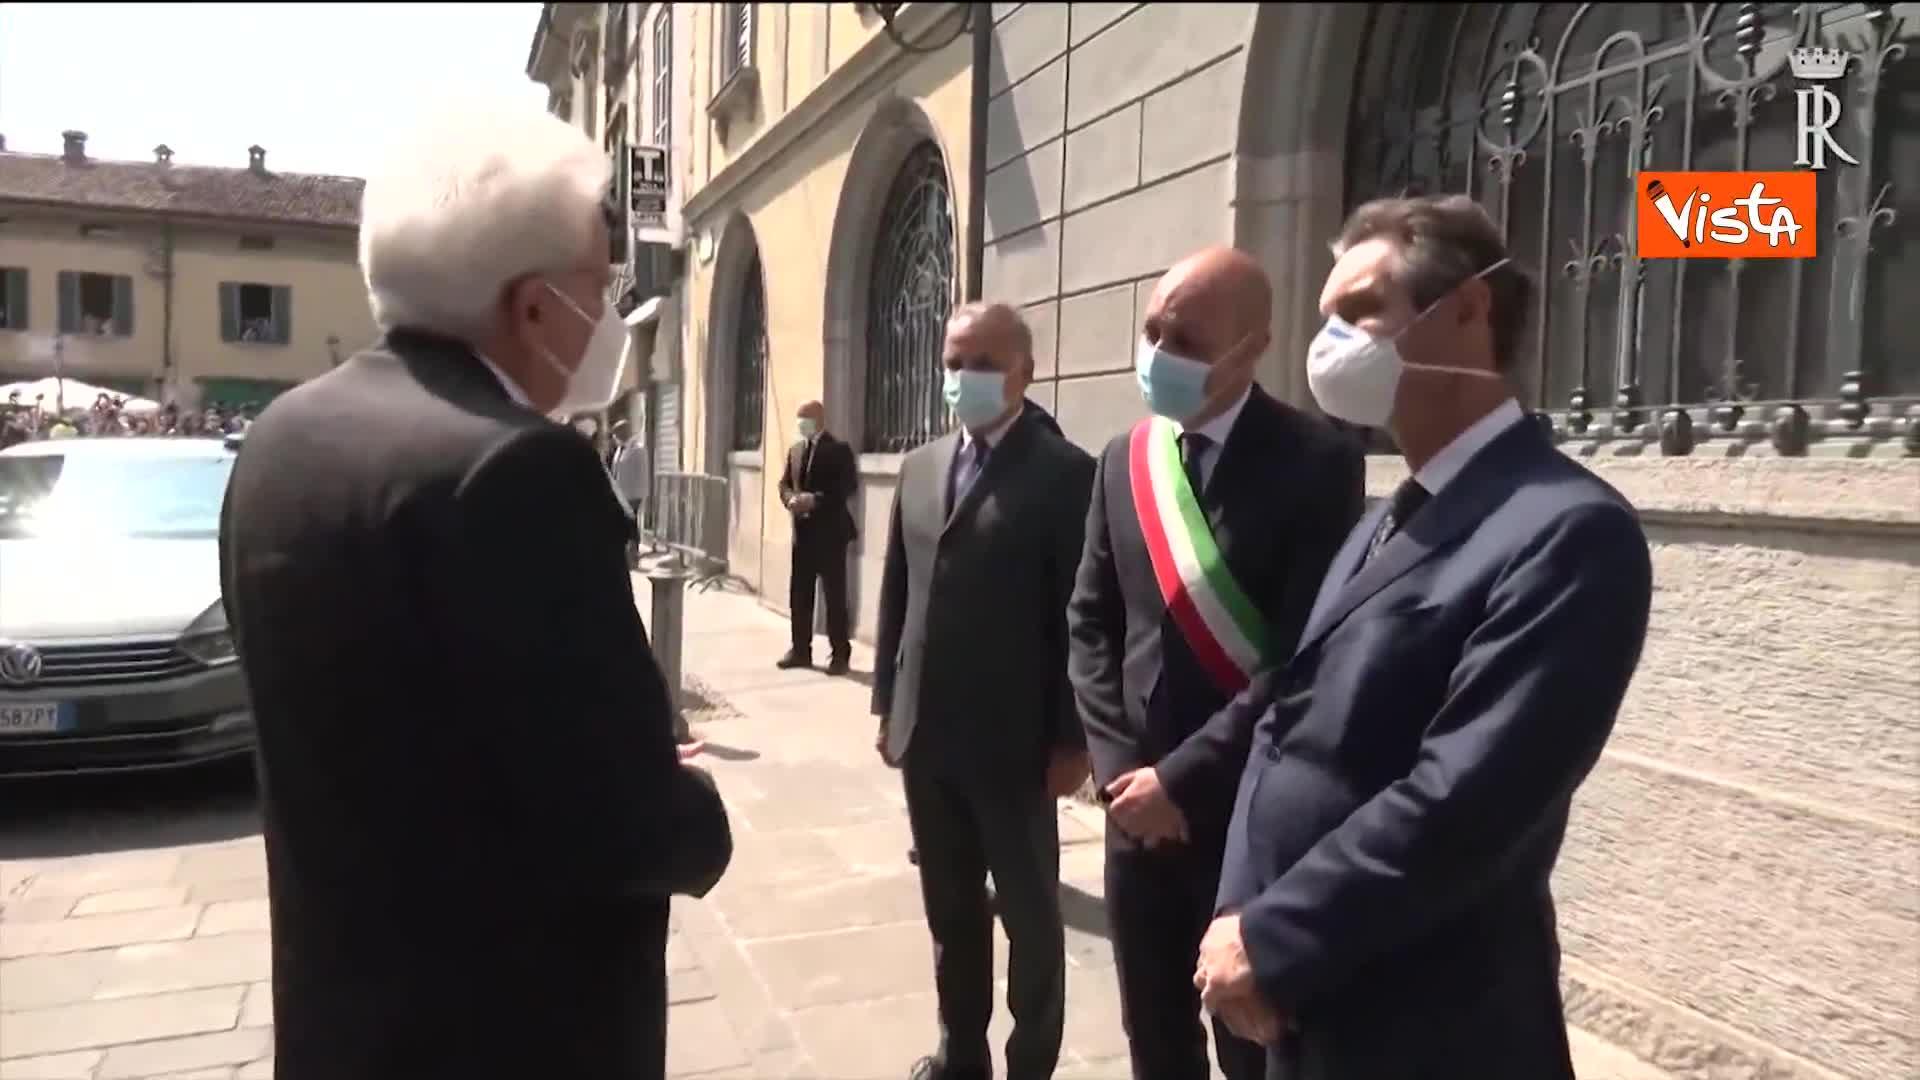 2 giugno, Mattarella accolto dagli applausi a Codogno, lui saluta da lontano